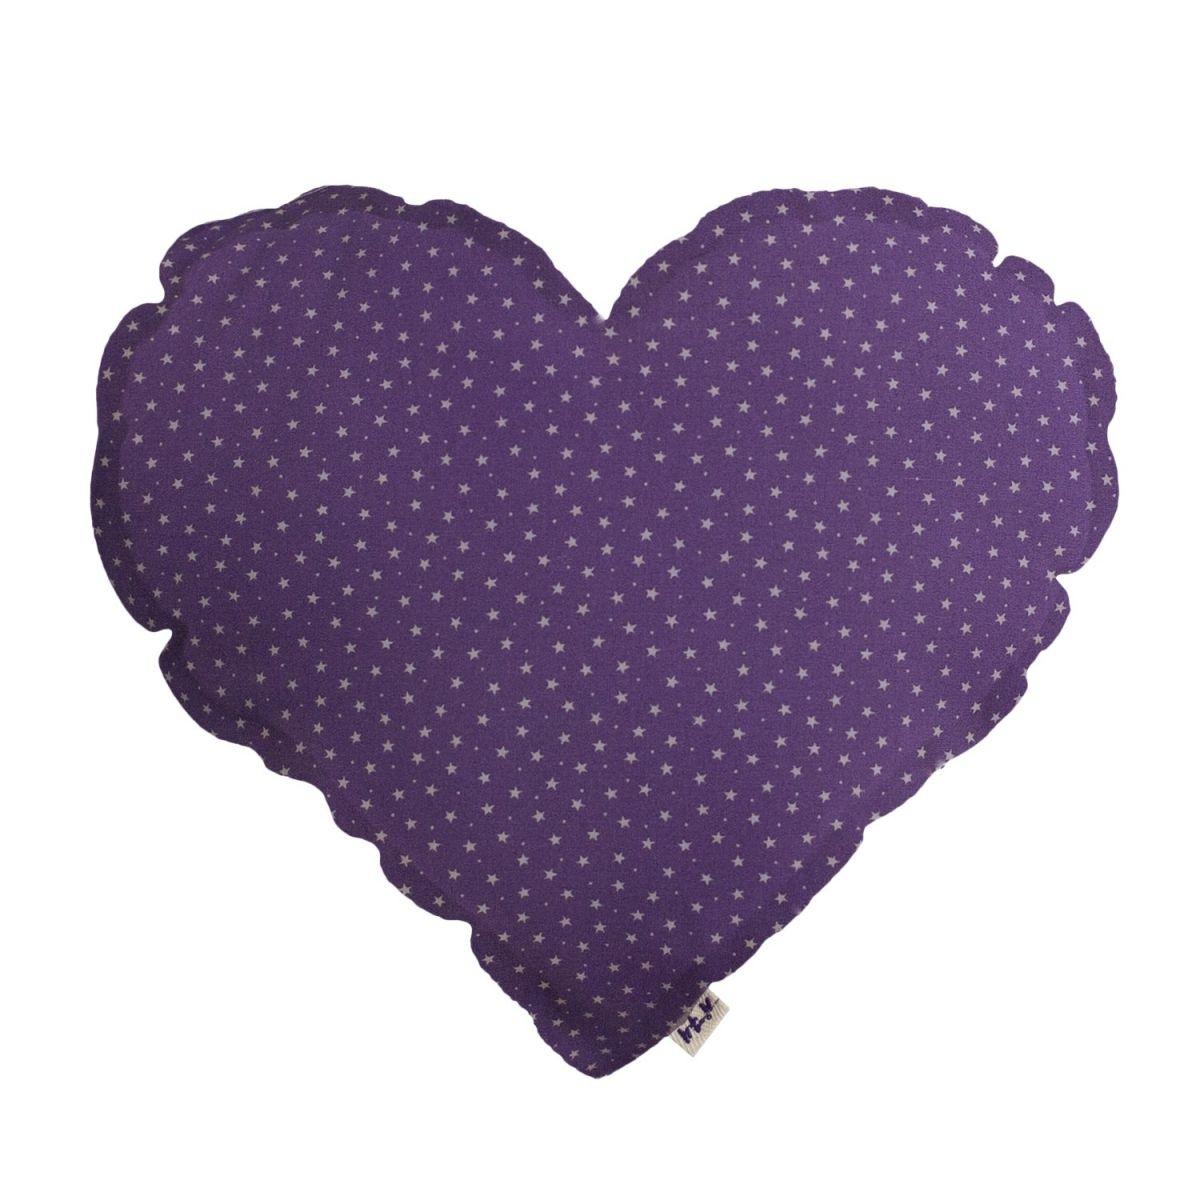 Poduszka Serce fioletowa w beżowe gwiazdki - Numero 74